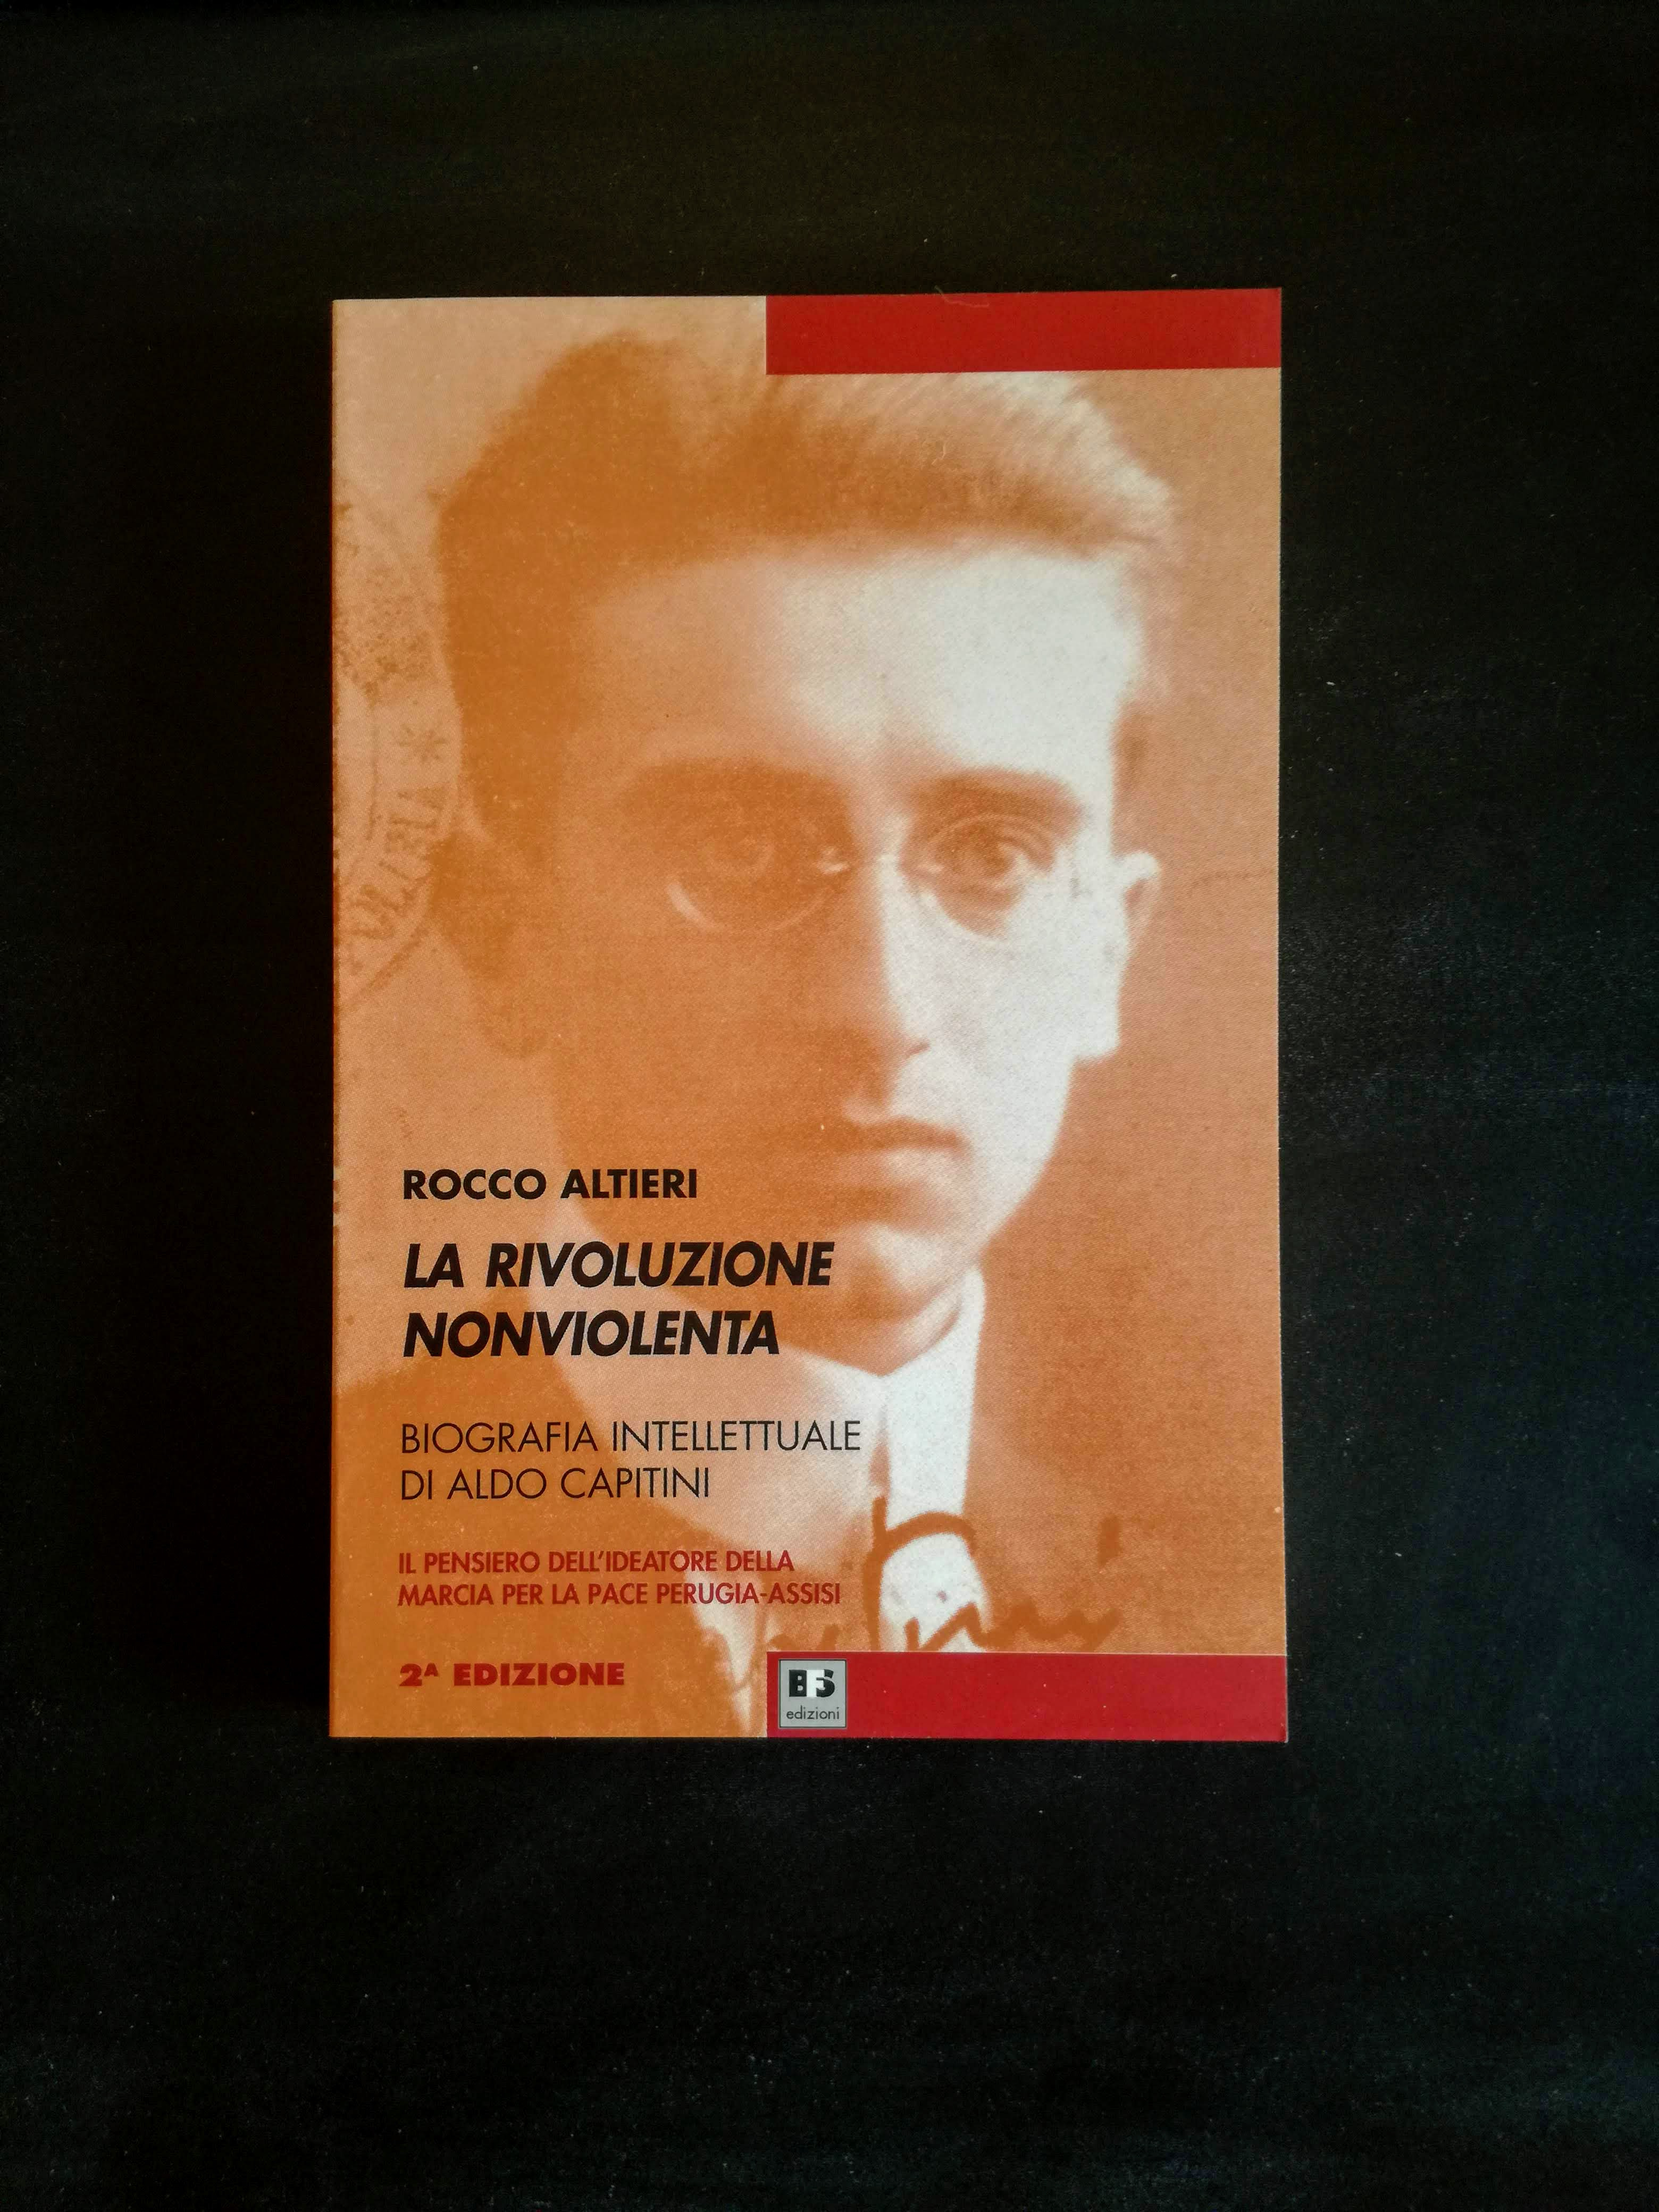 La rivoluzione nonviolenta - Biografia intellettuale di Aldo Capitini